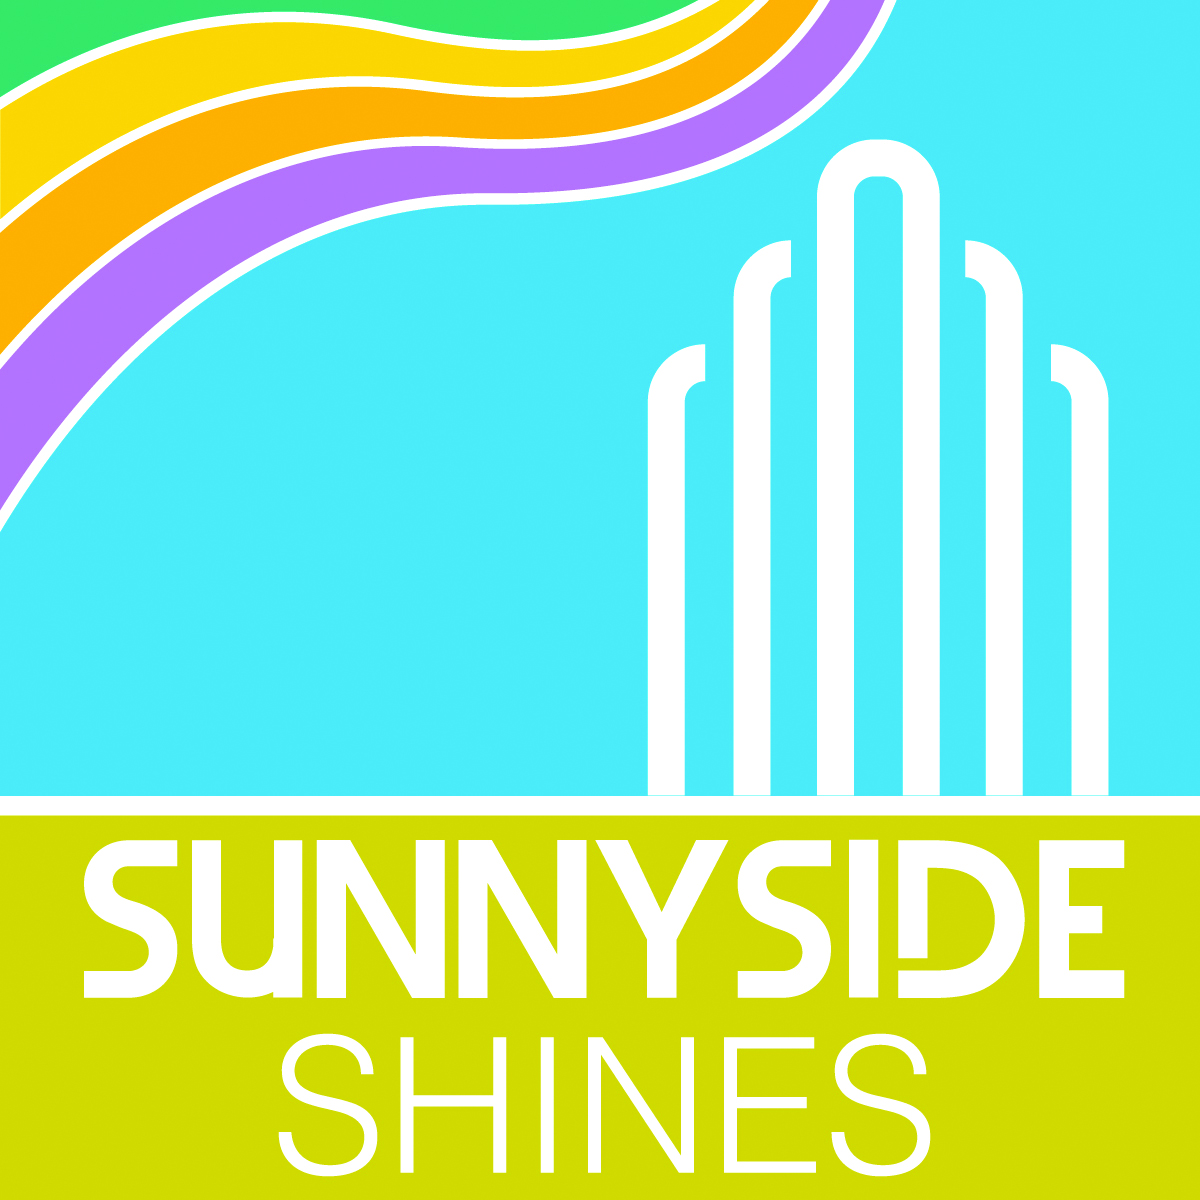 Sunnyshine sides logo